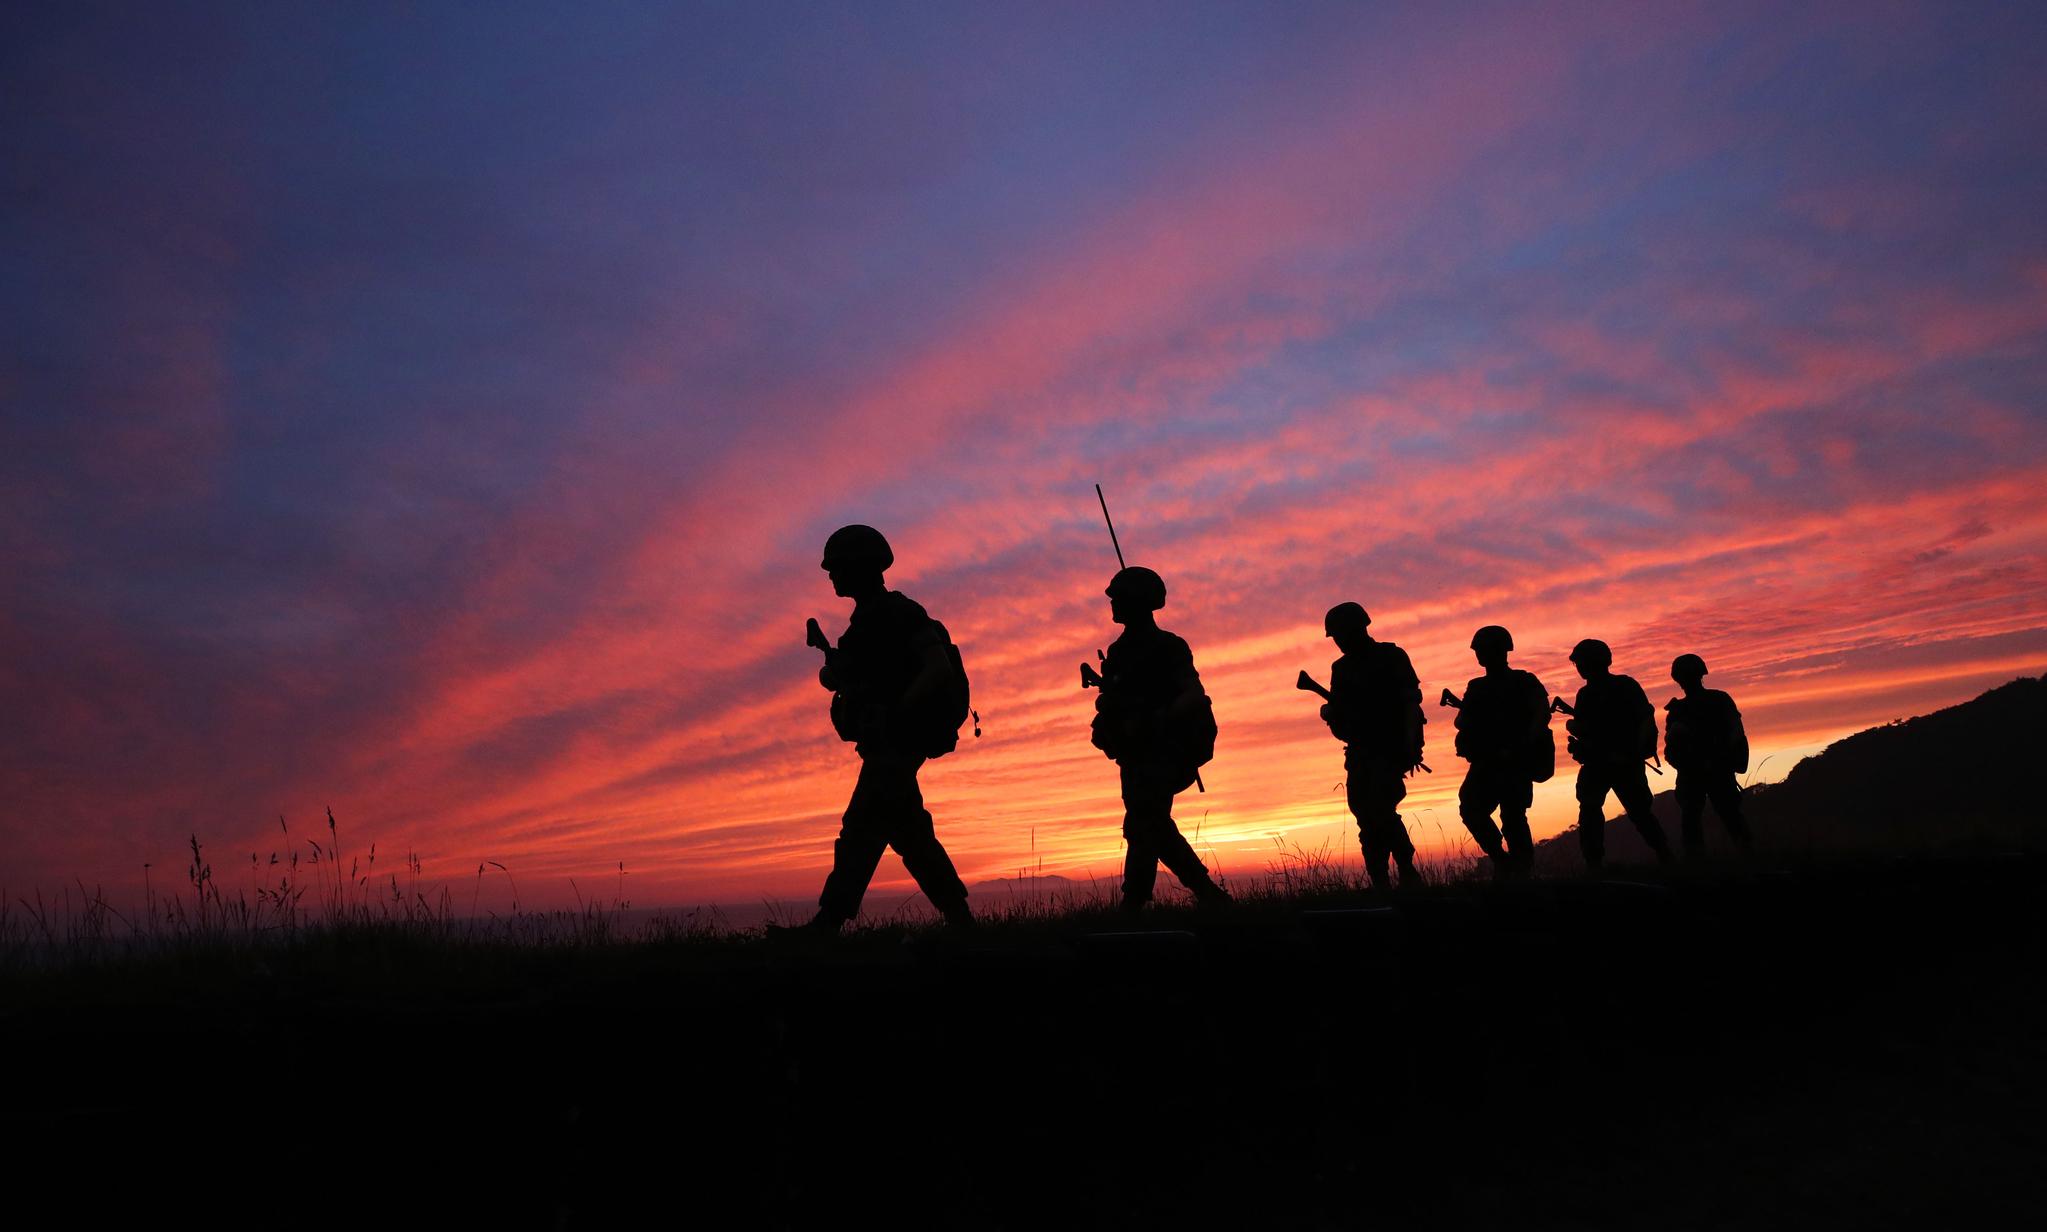 지닌달 16일 오후 인천시 옹진군 대연평도에서 해병대원들이 경계 근무를 하고 있다. 연합뉴스